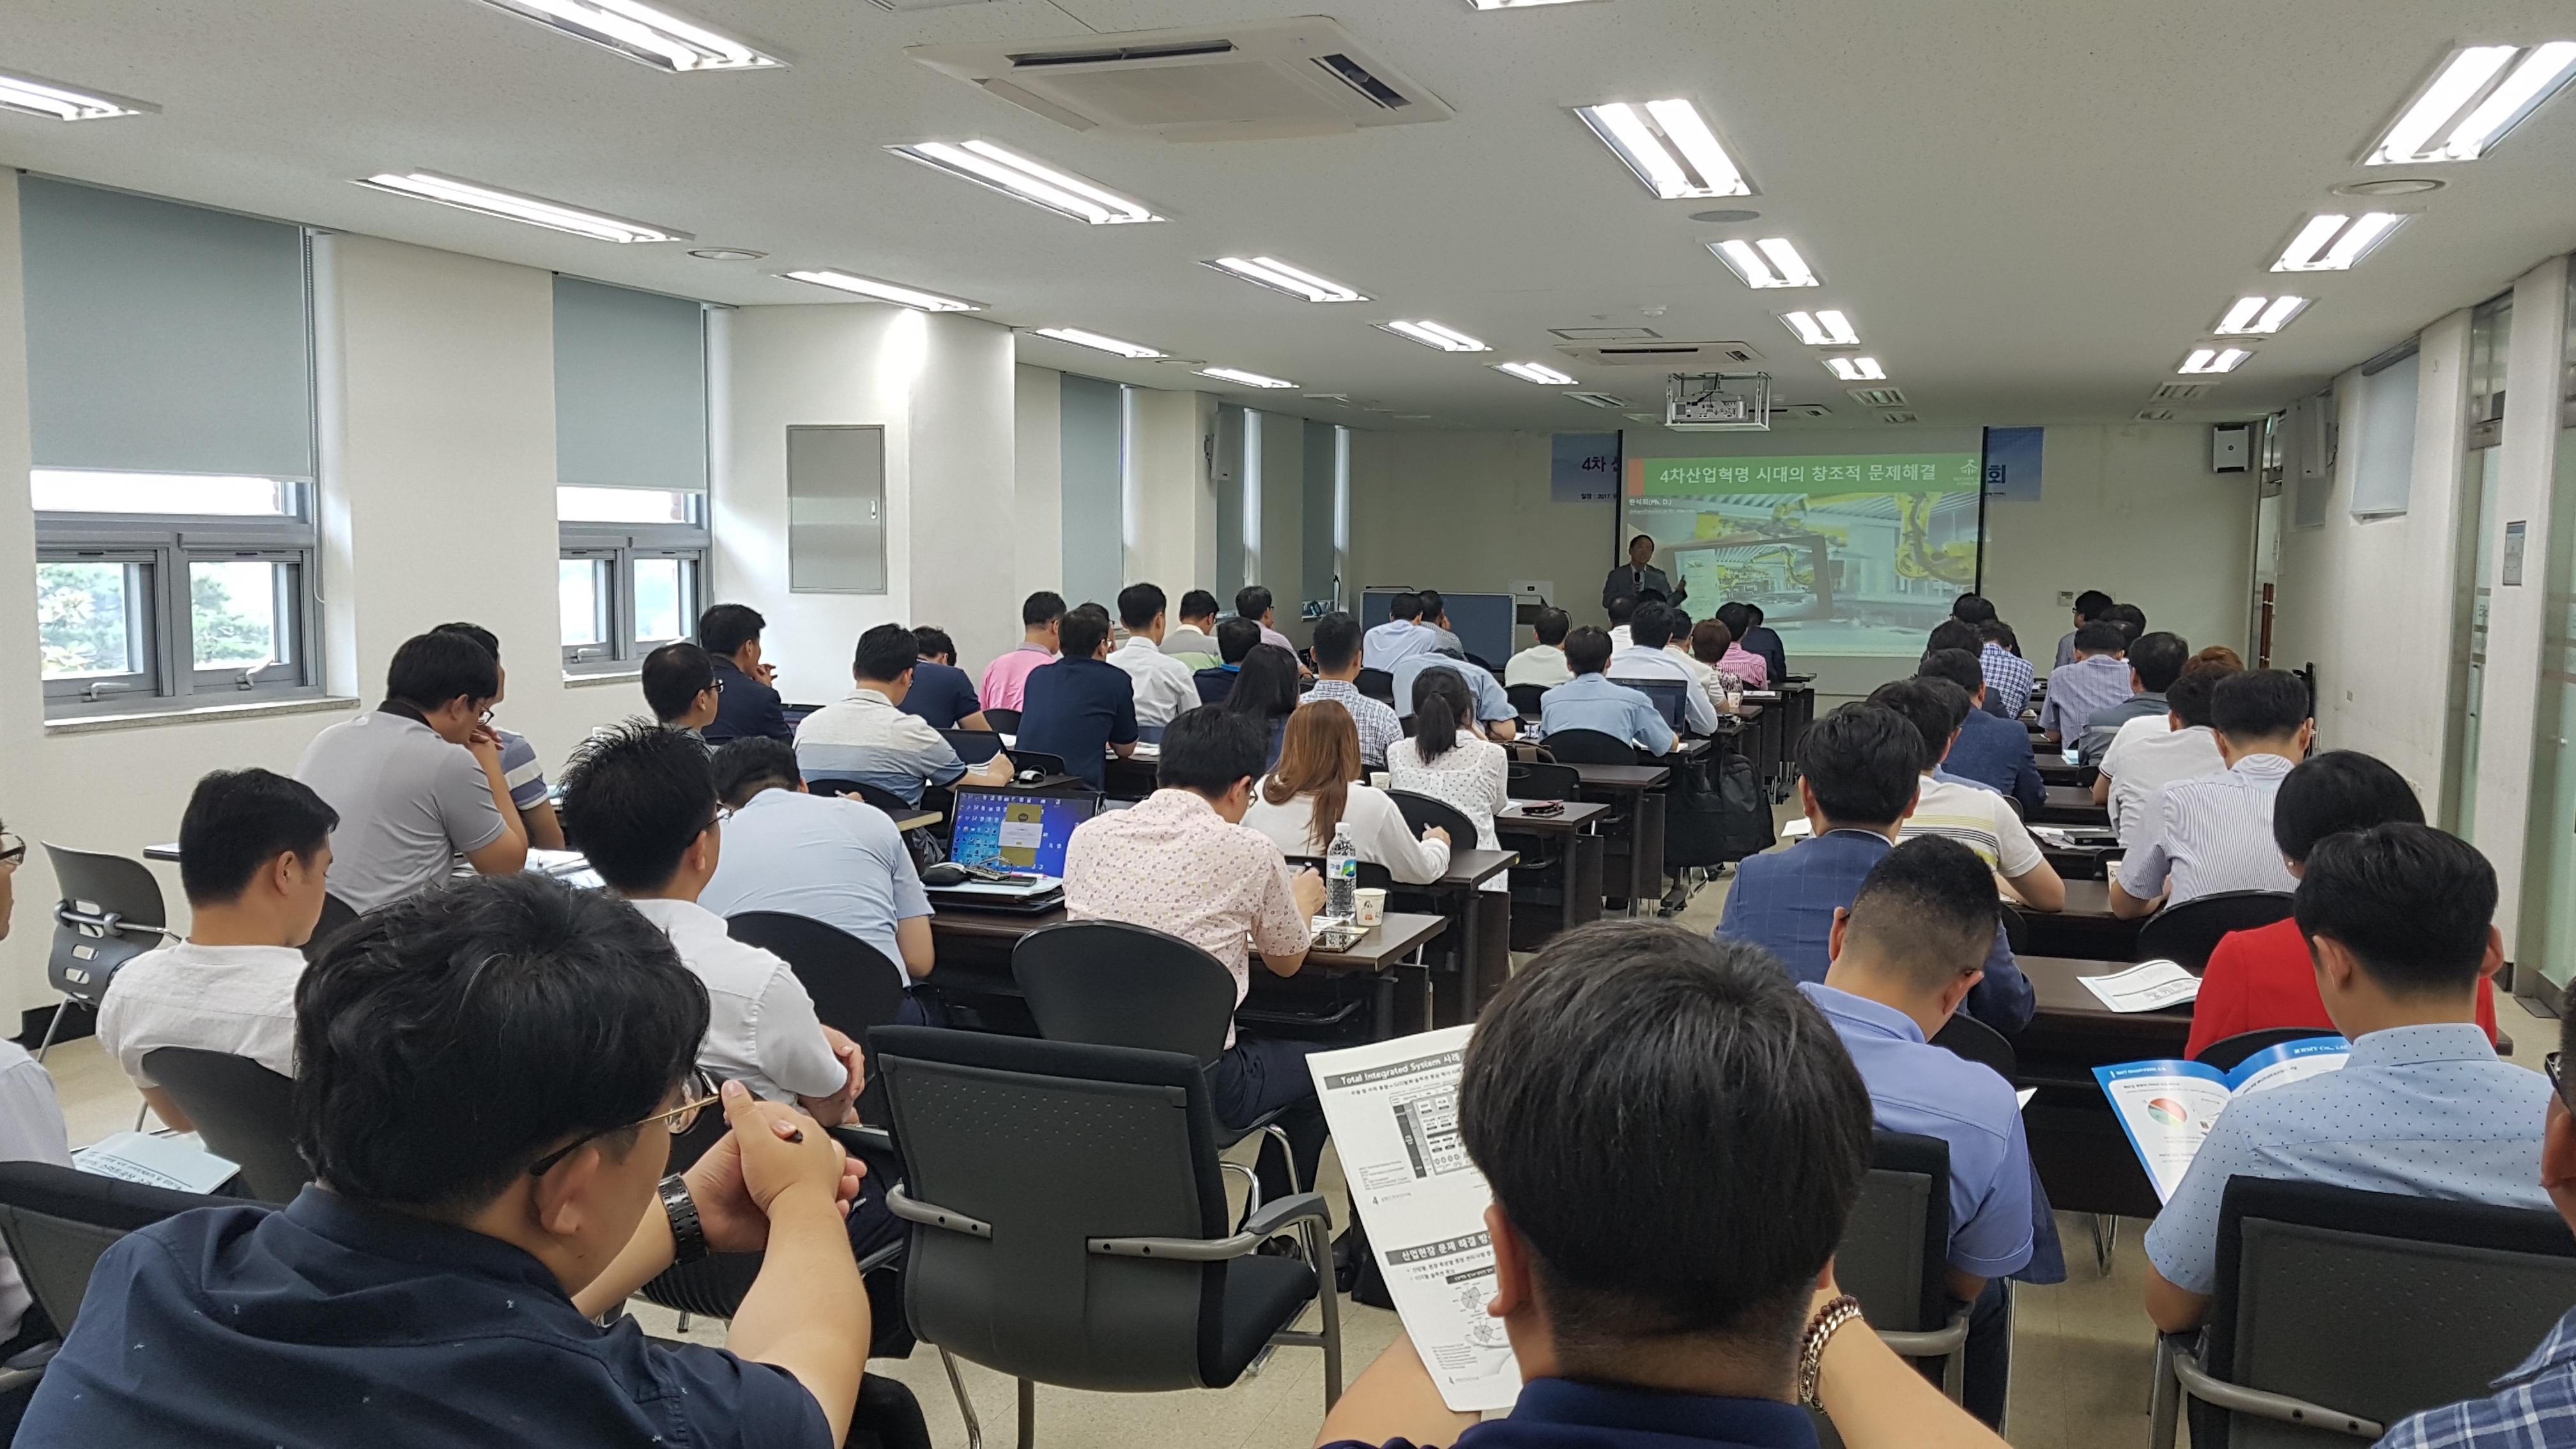 (170908)경남TP사진-4차 산업혁명 속의 스마트팩토리 관련기술 및 미래형 스마트공장 설명회 개최1.jpg